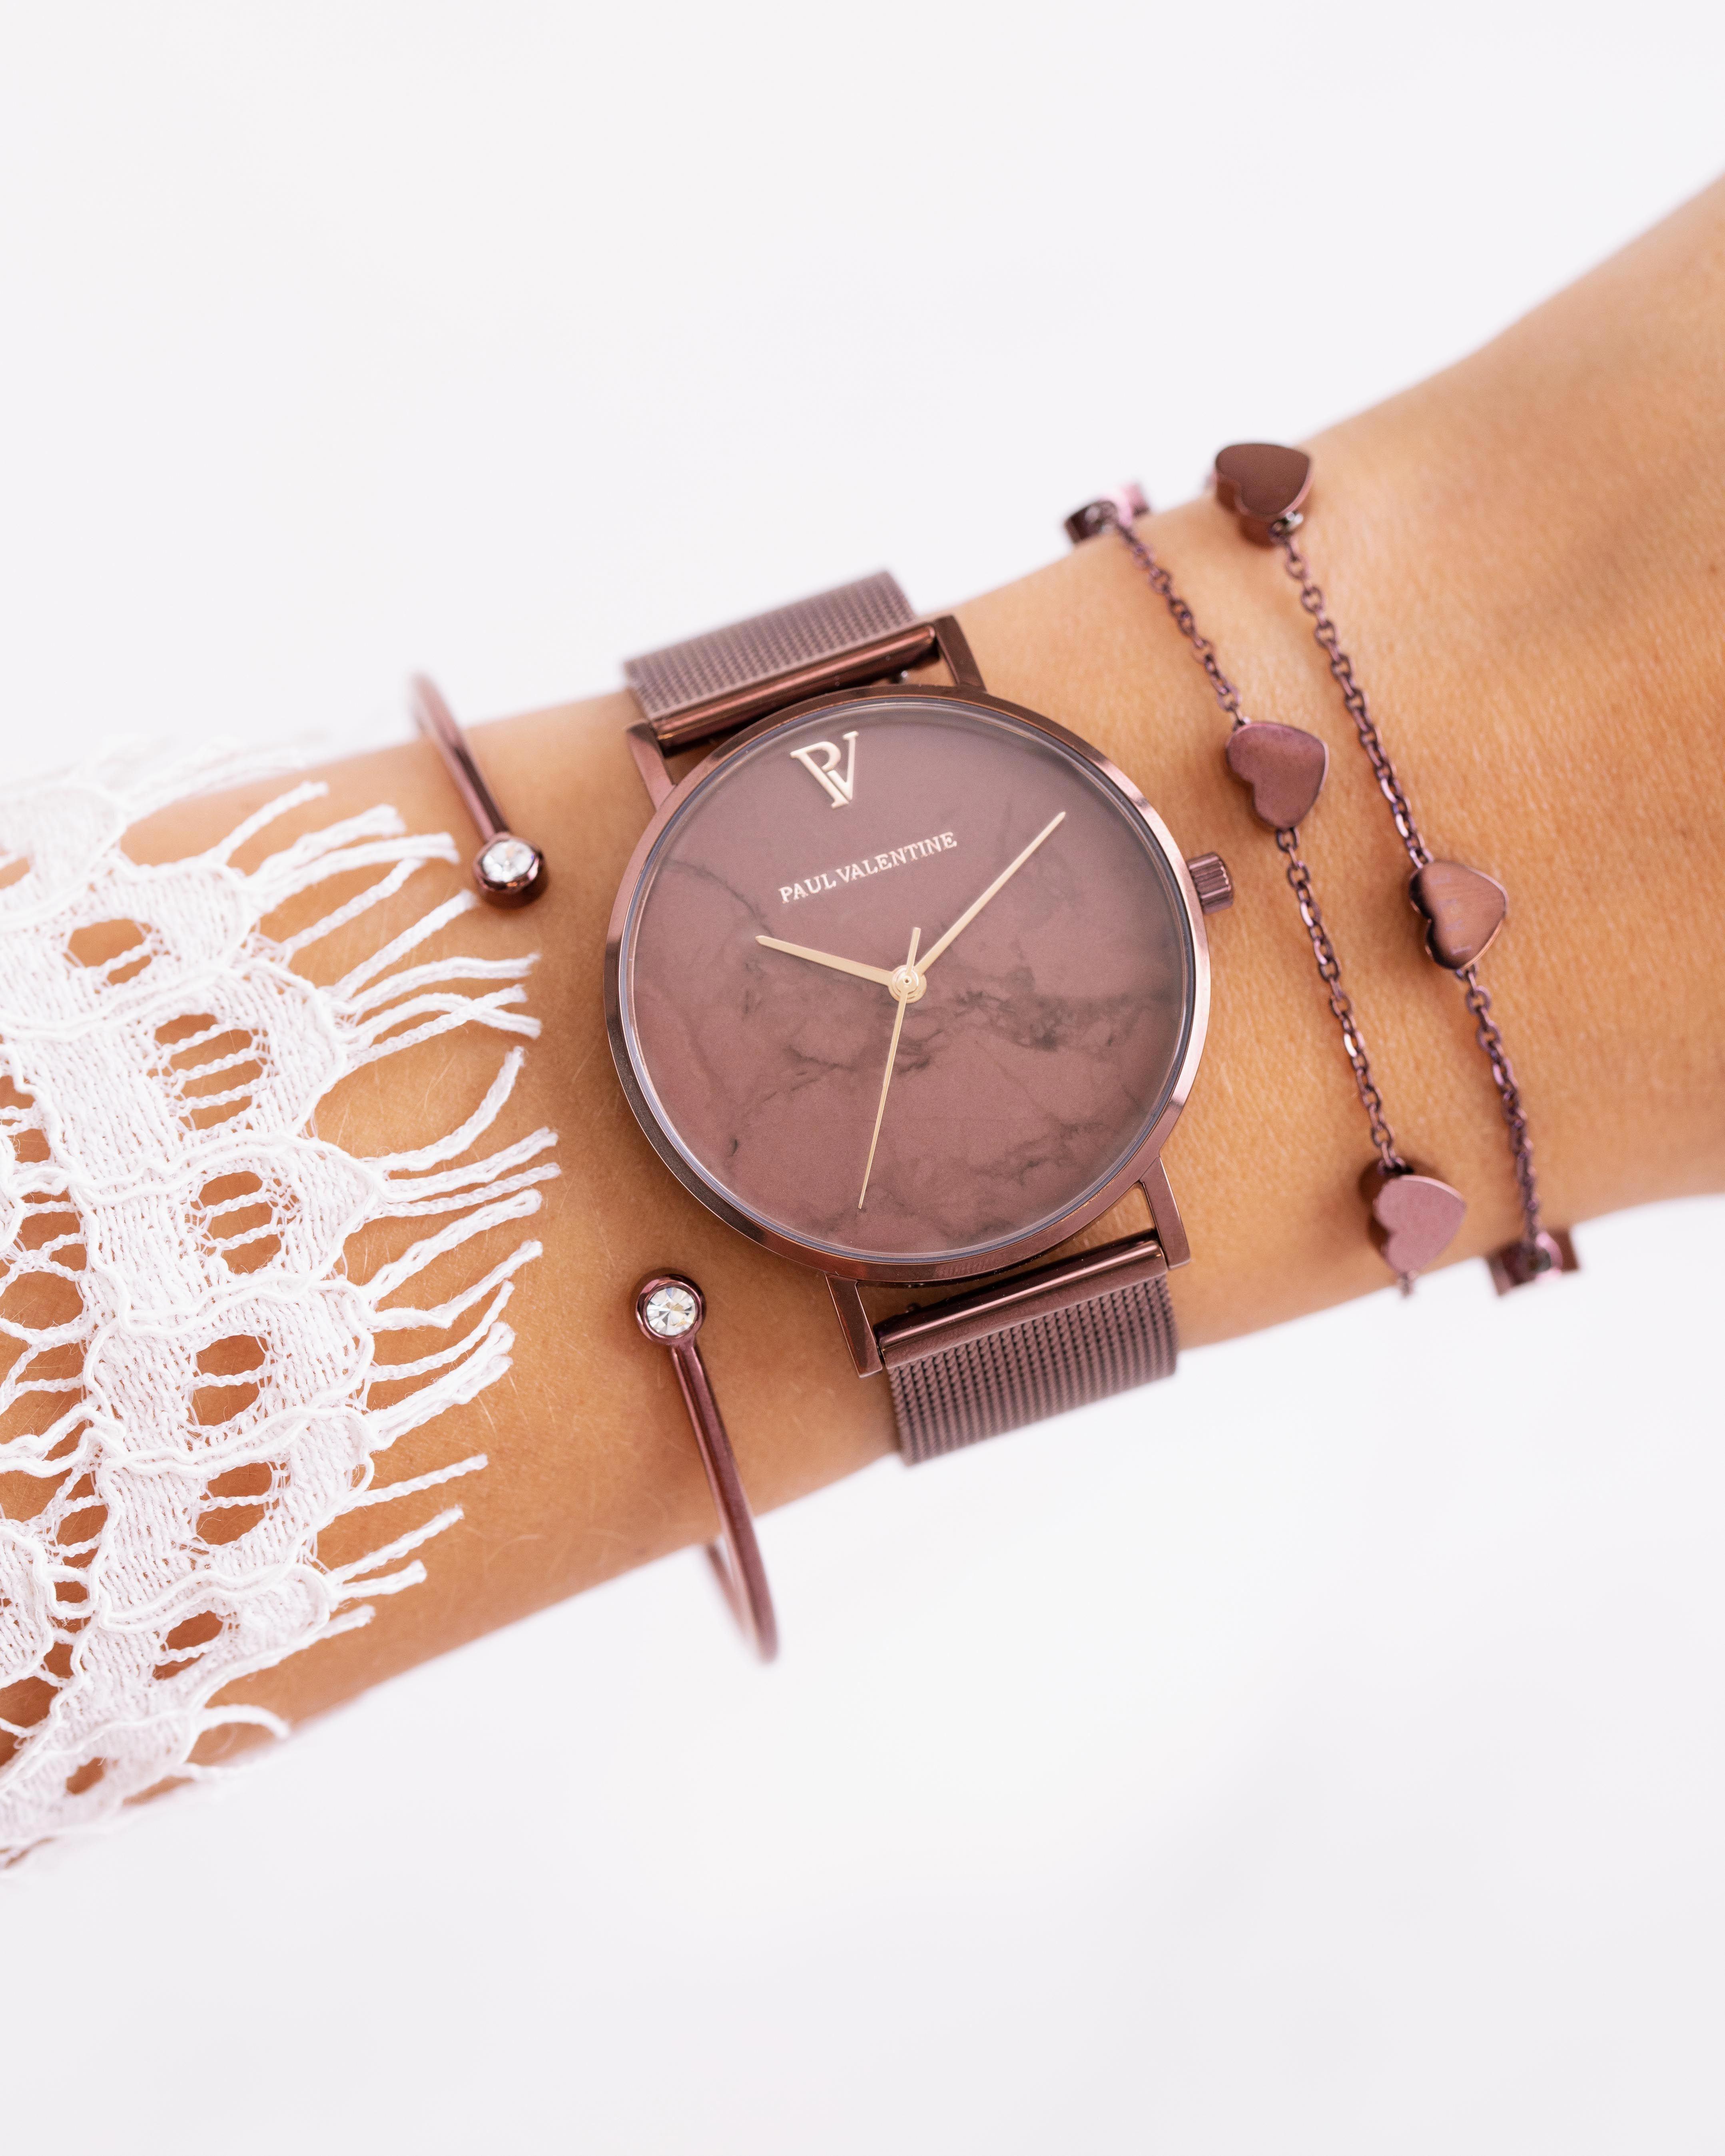 Amazon.fr: Montres – Femme: Vêtements, chaussures et bijoux: Montres-bracelets, bracelets de montres, montres de poche, etc.   – Watch